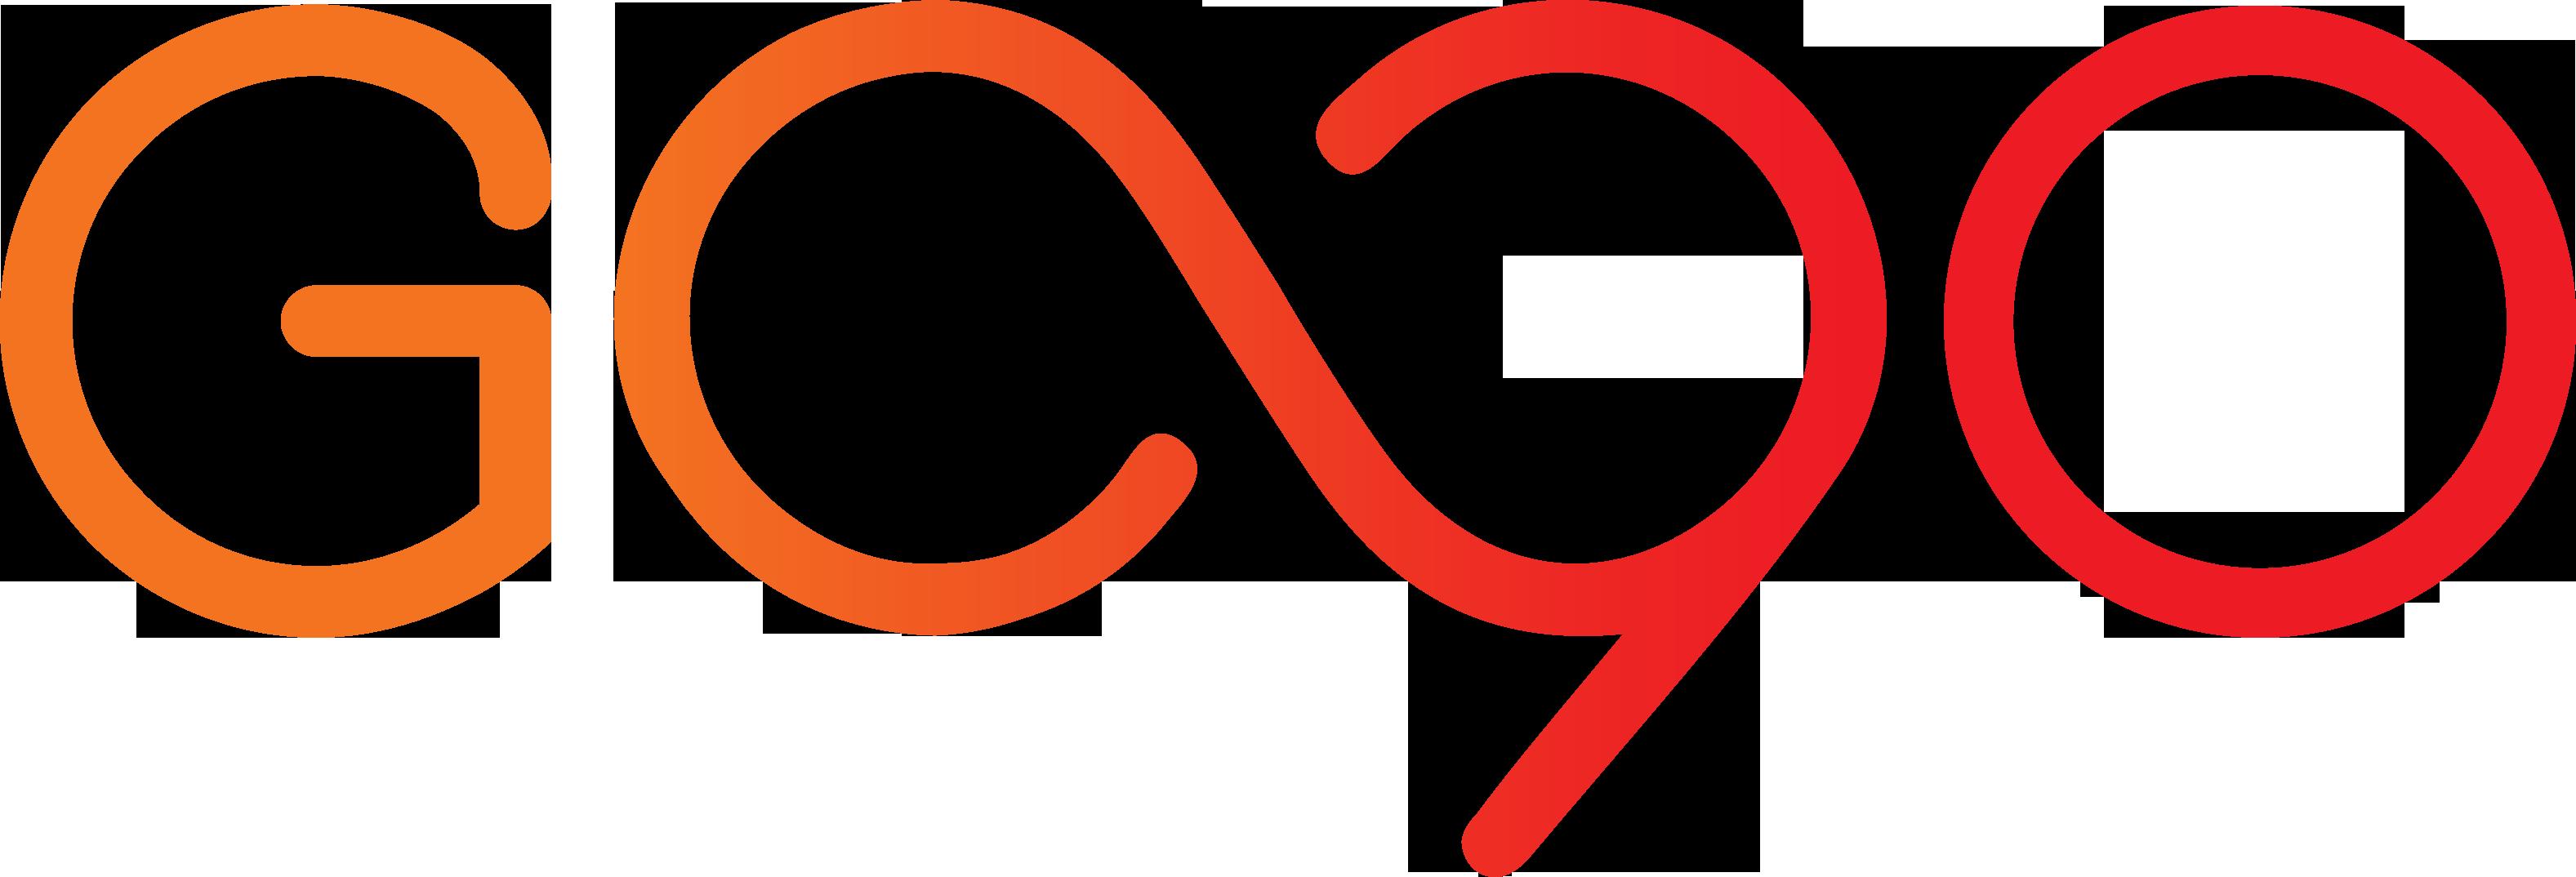 Gogo Digital